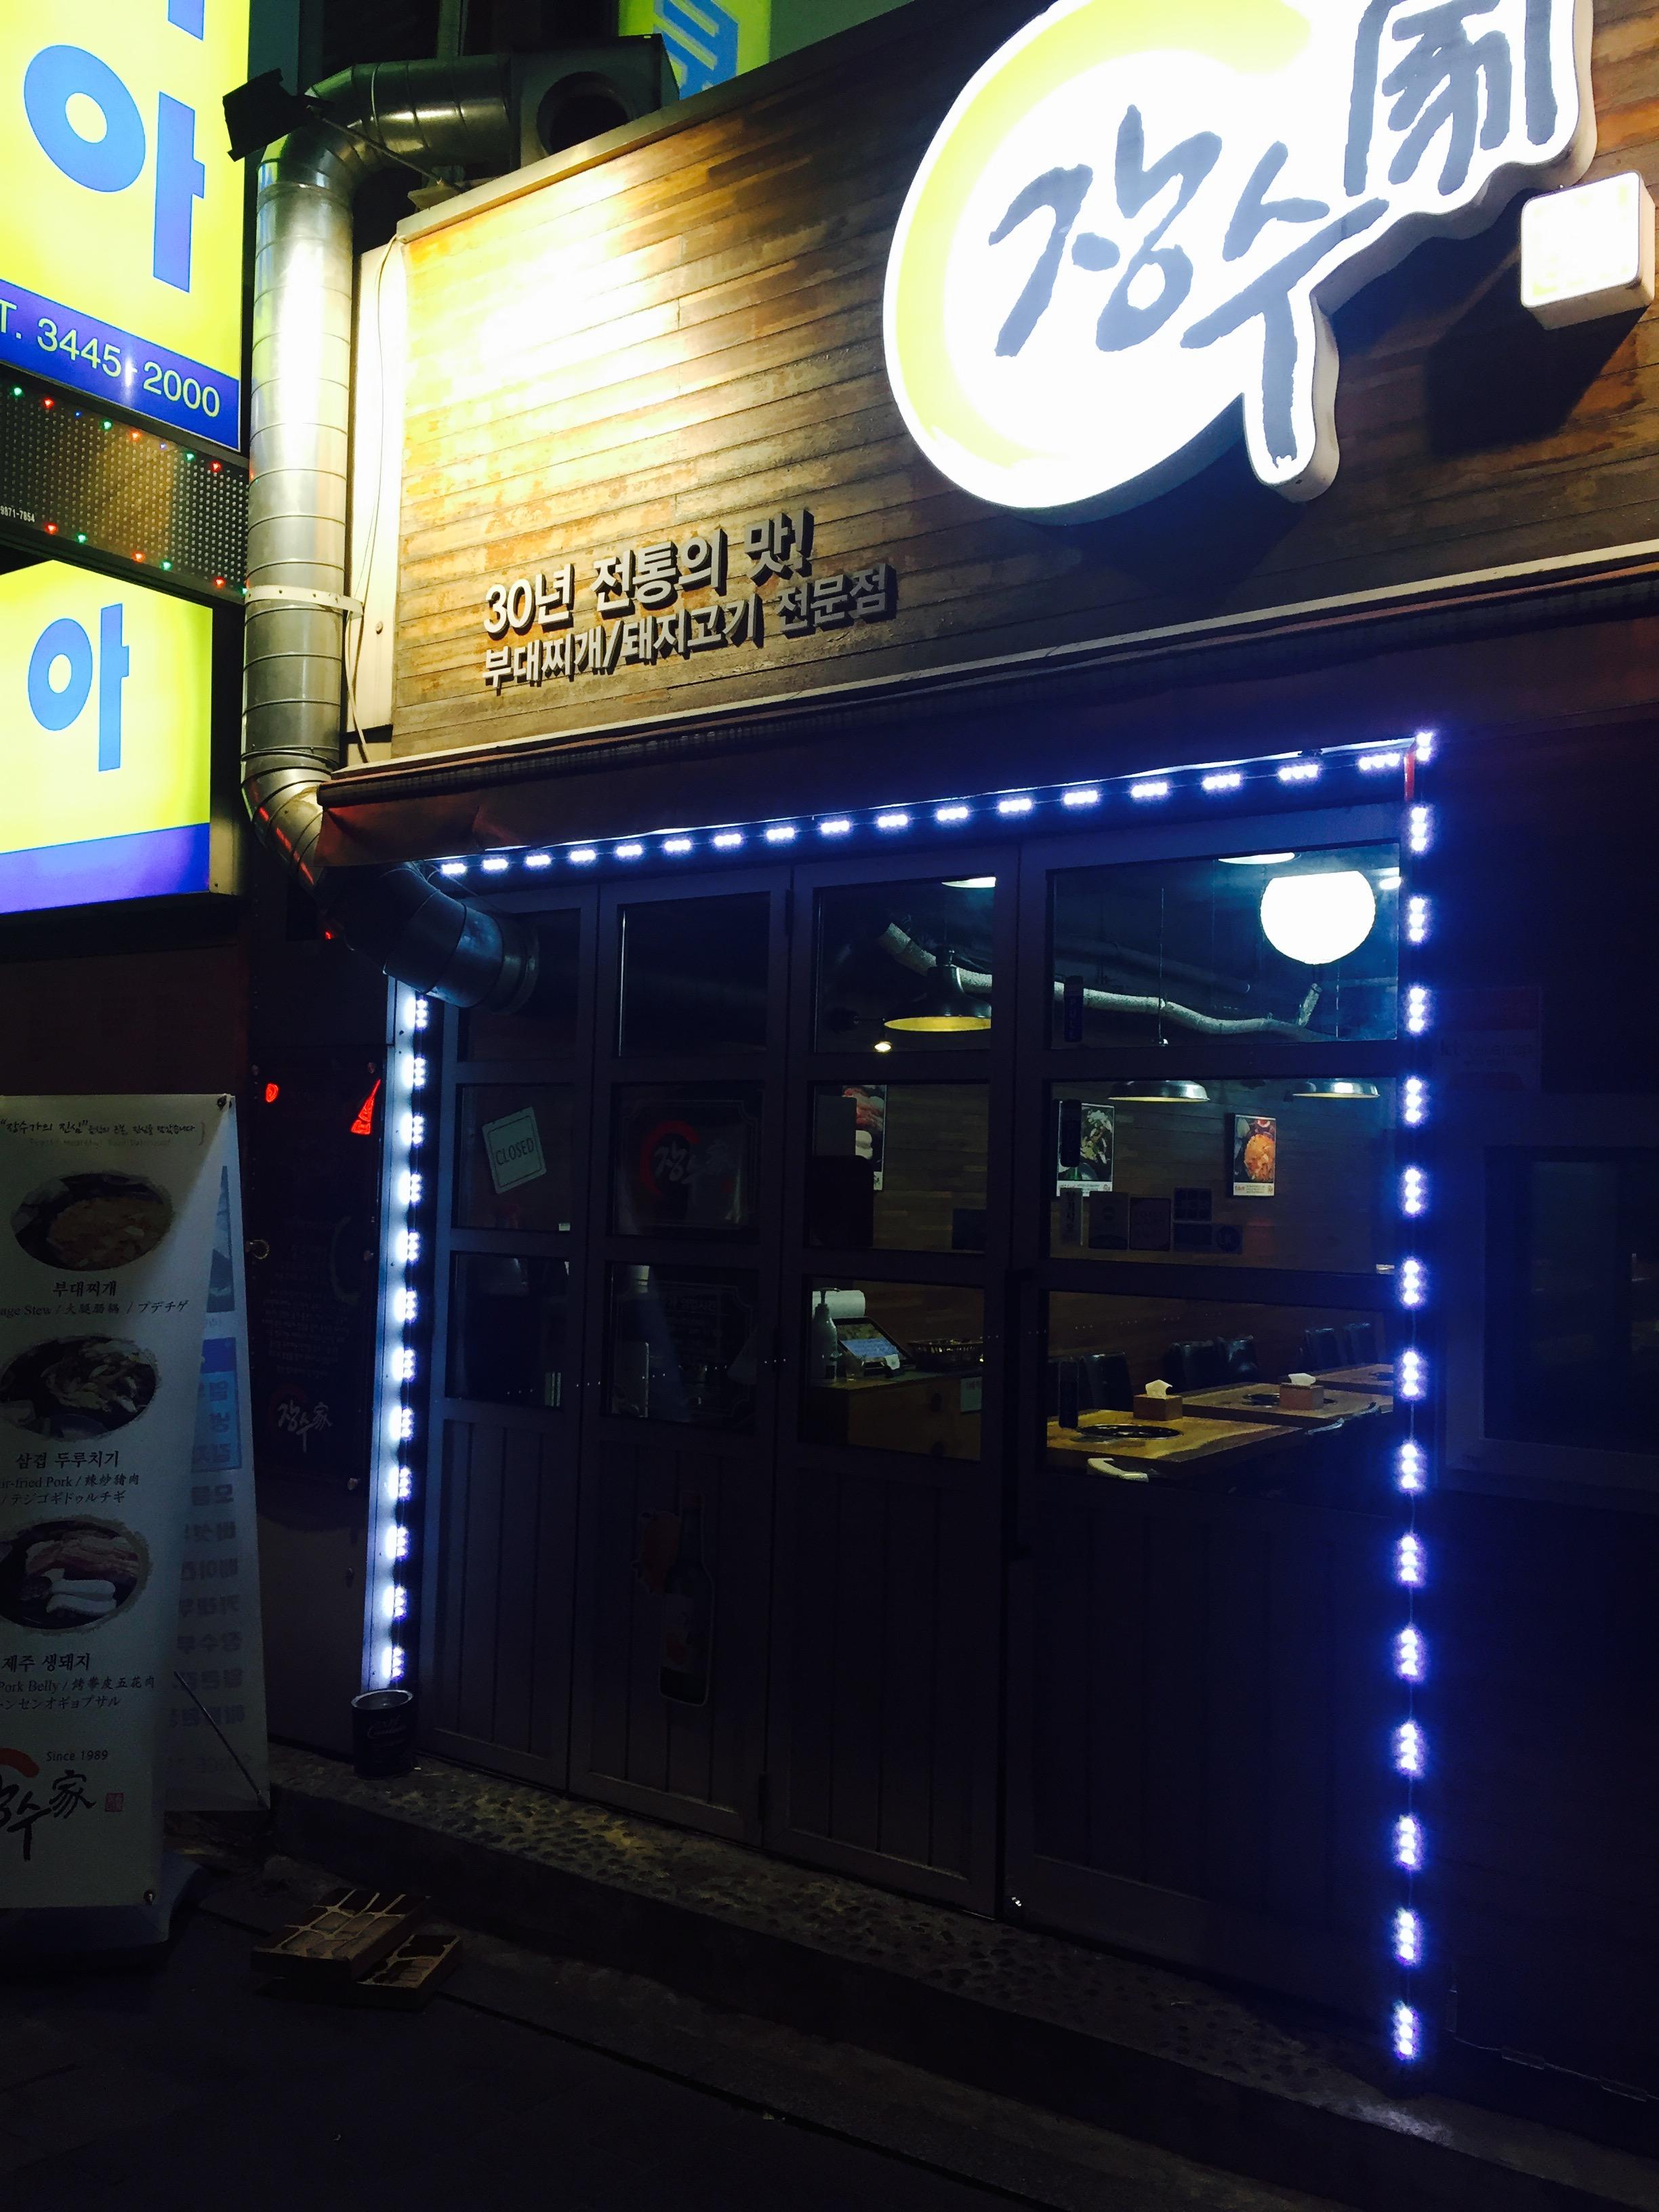 Jeju Black Pork in Seoul – Jangsuga